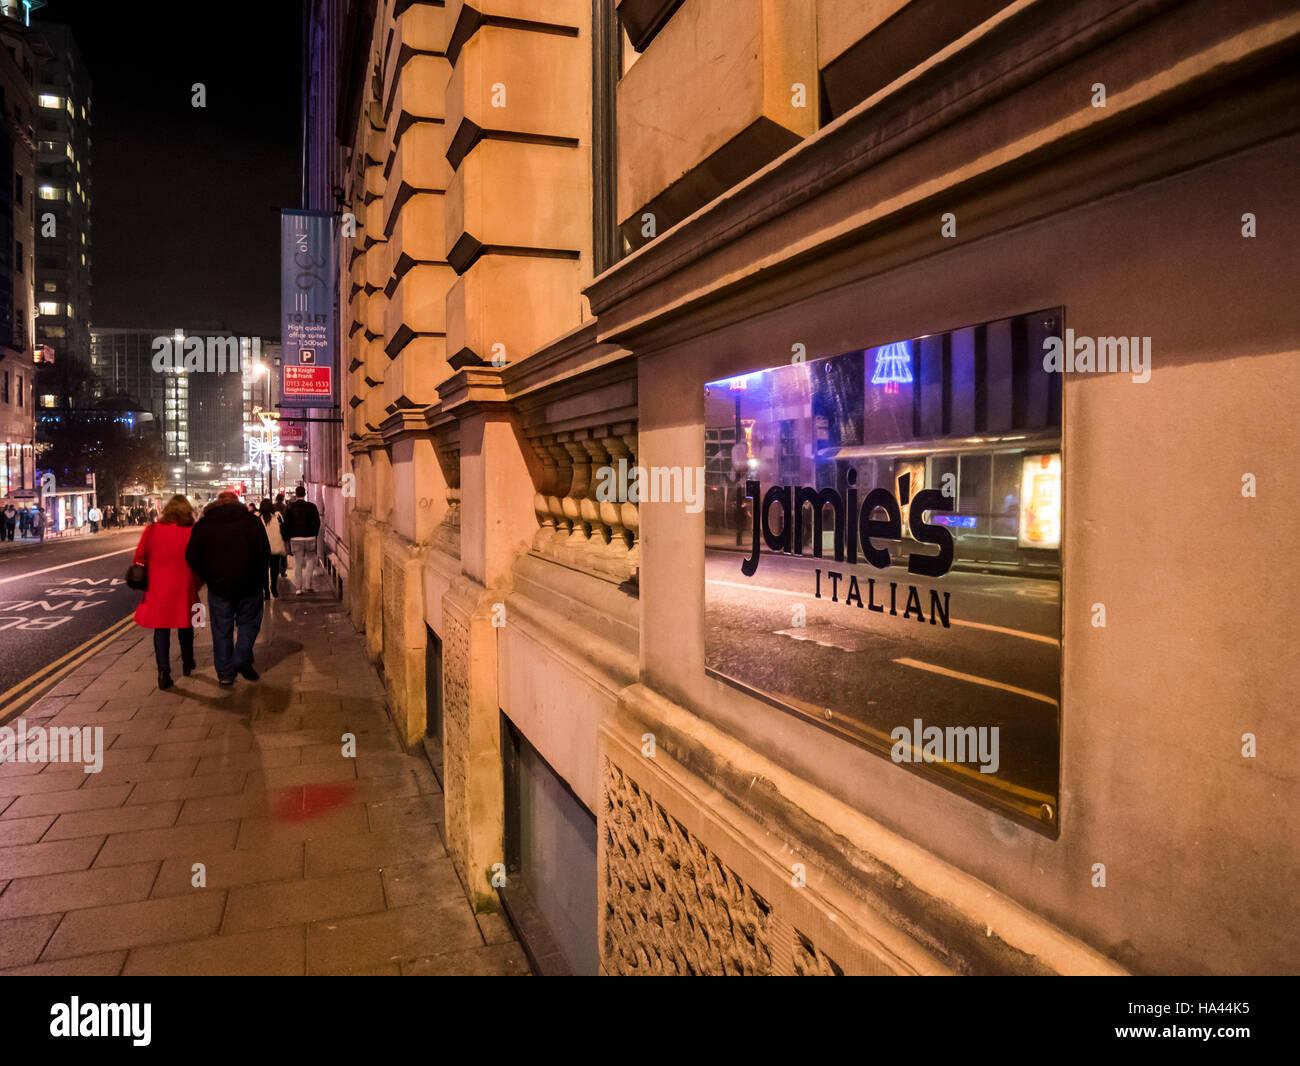 New Italian Restaurants In Leeds City Centre